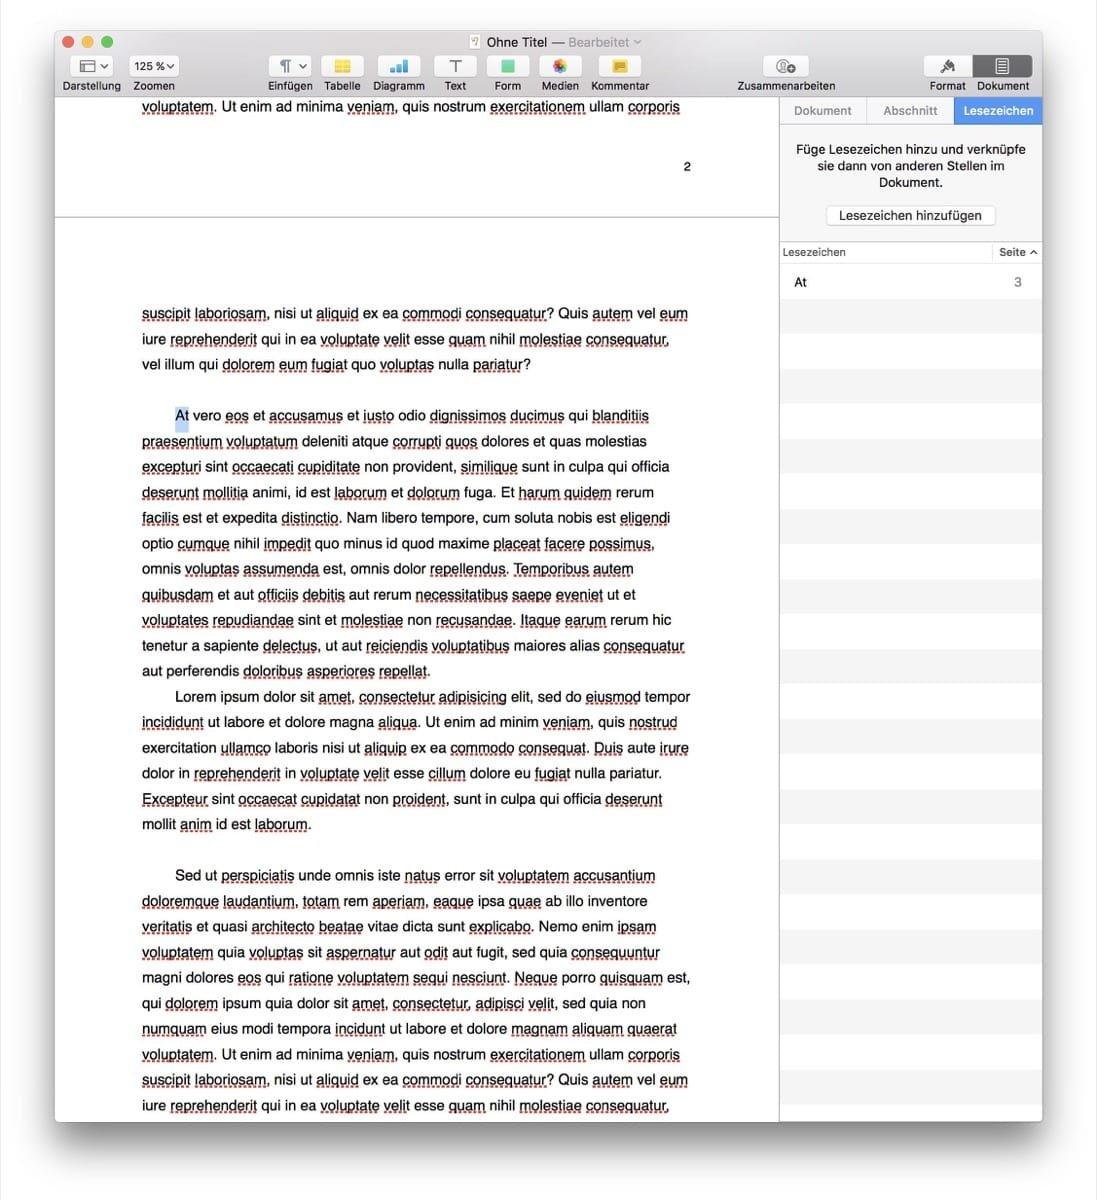 Gemütlich Wort Lesezeichen Vorlage Bilder - Beispiel Anschreiben für ...